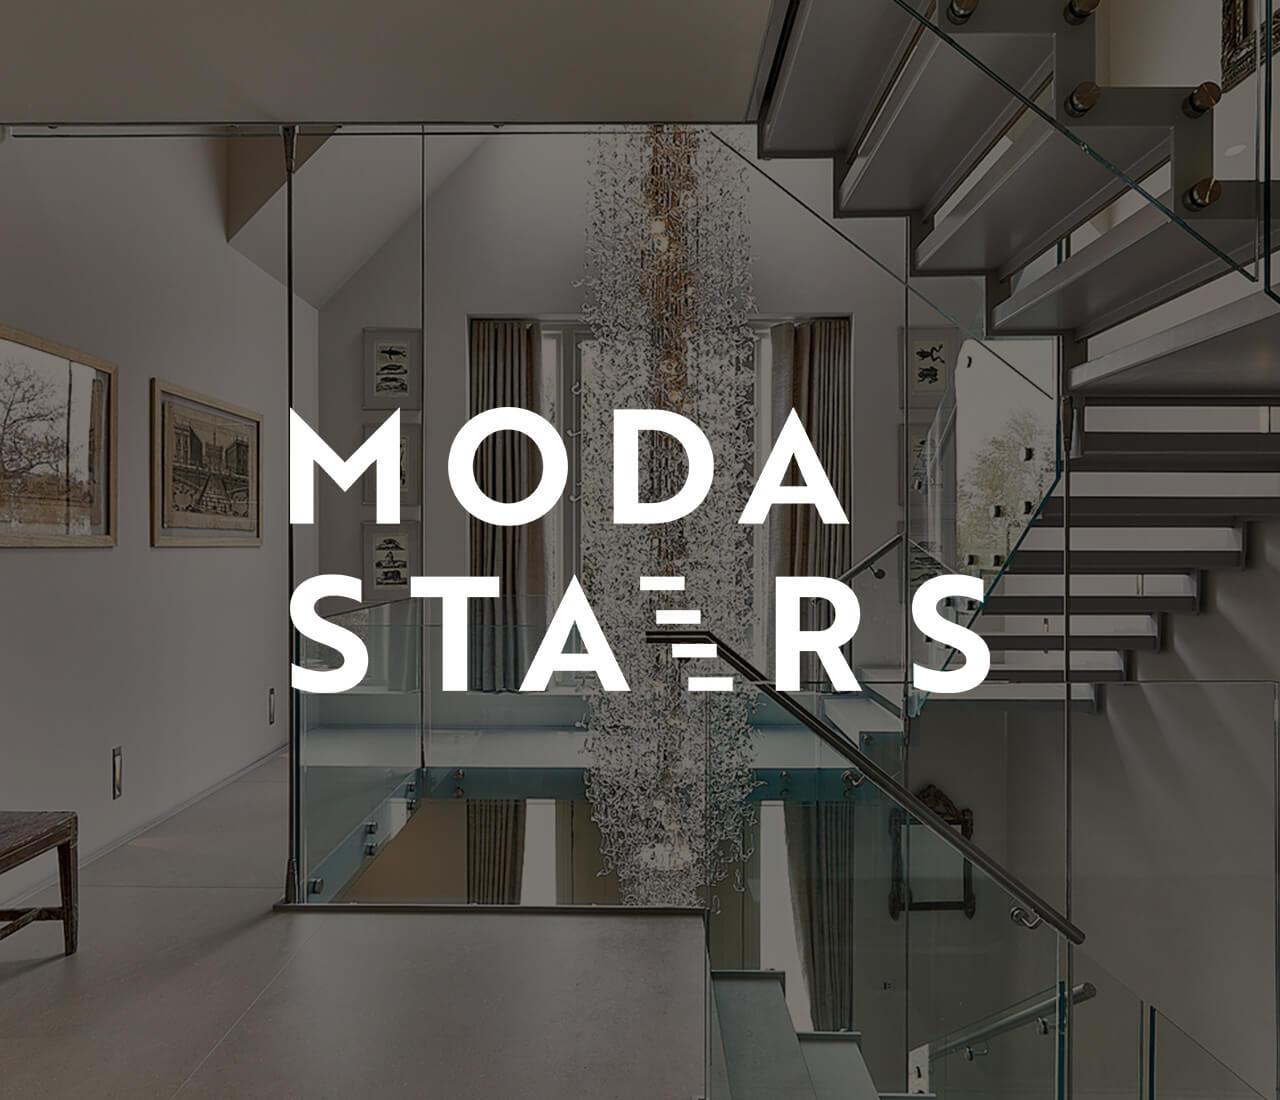 Moda Stairs